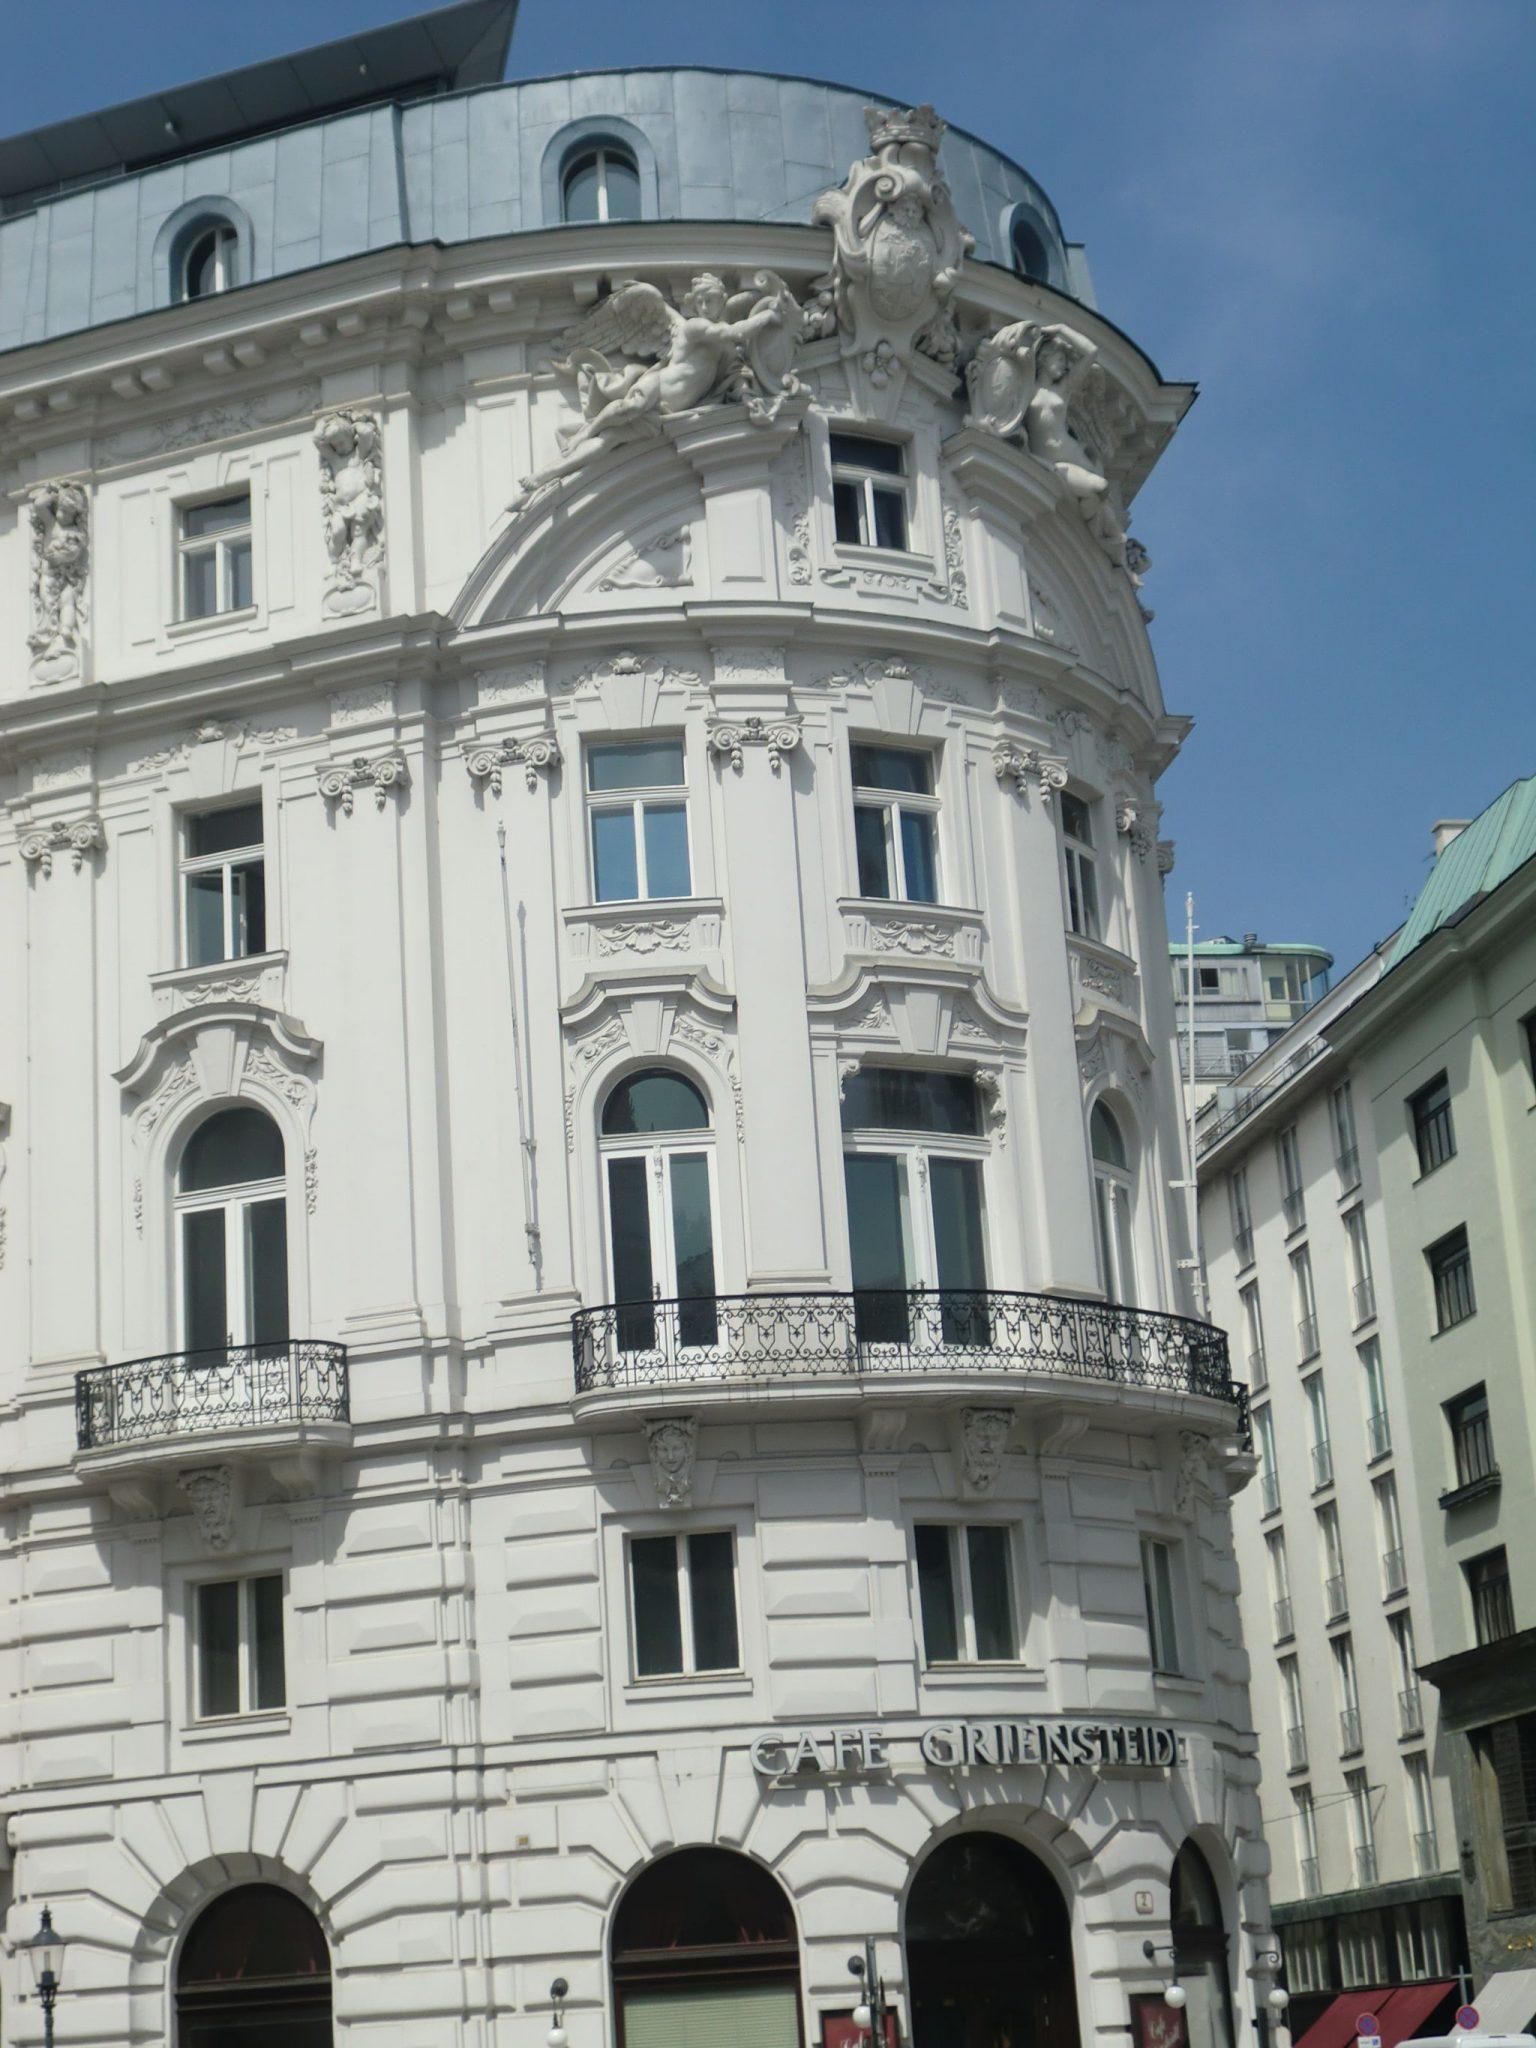 Vienna architecture 45 1440x1920 - Vienna: elegant beauty